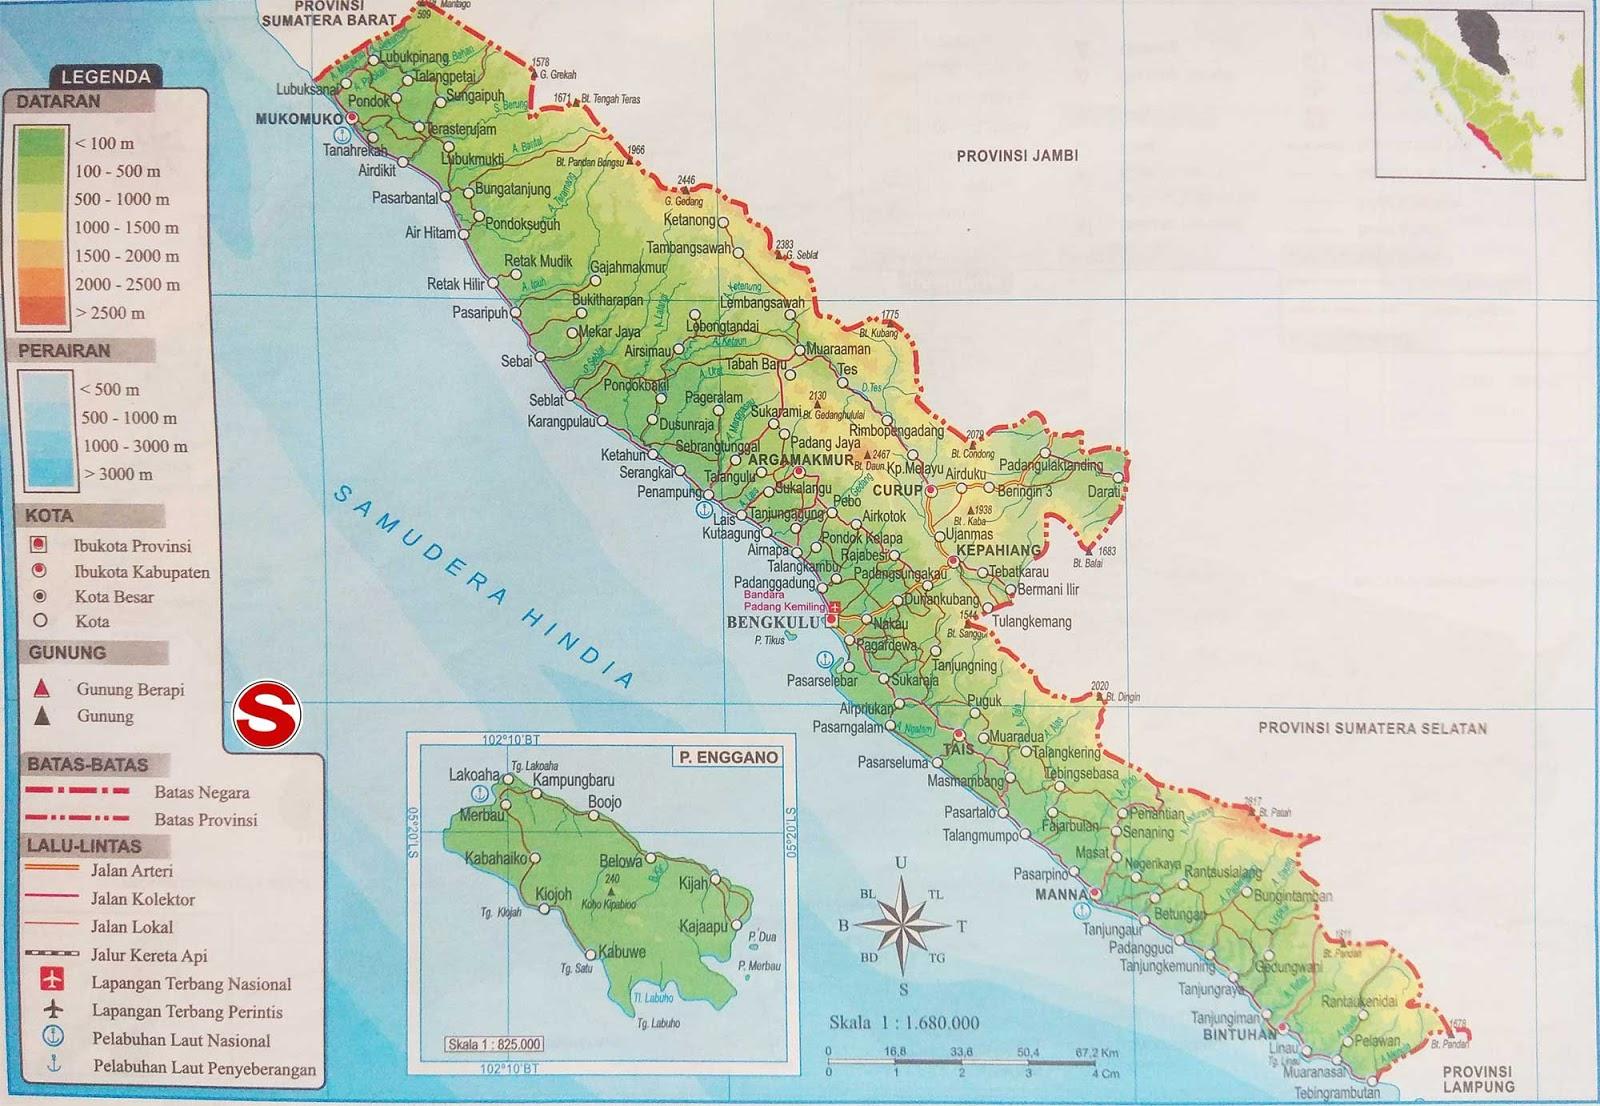 Gambar Peta Atlas Provinsi Bengkulu Lengkap